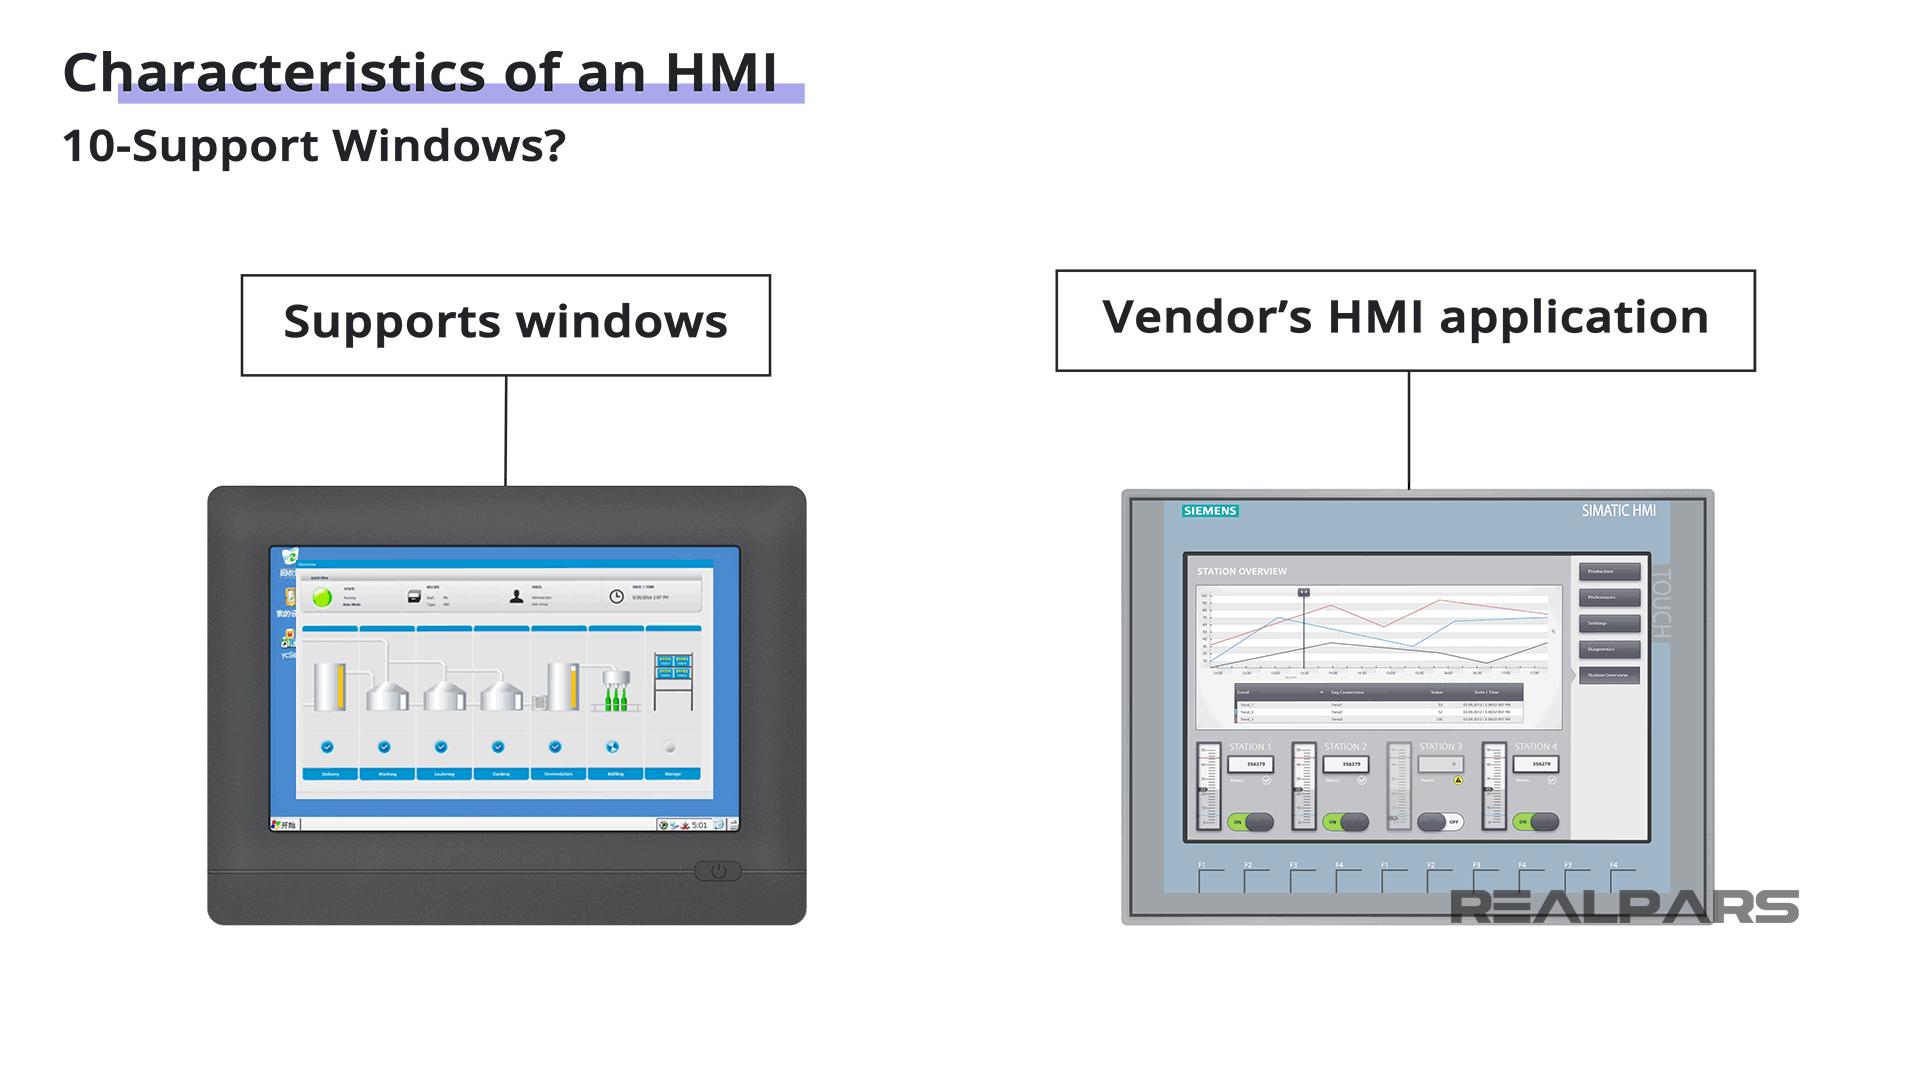 HMI Application